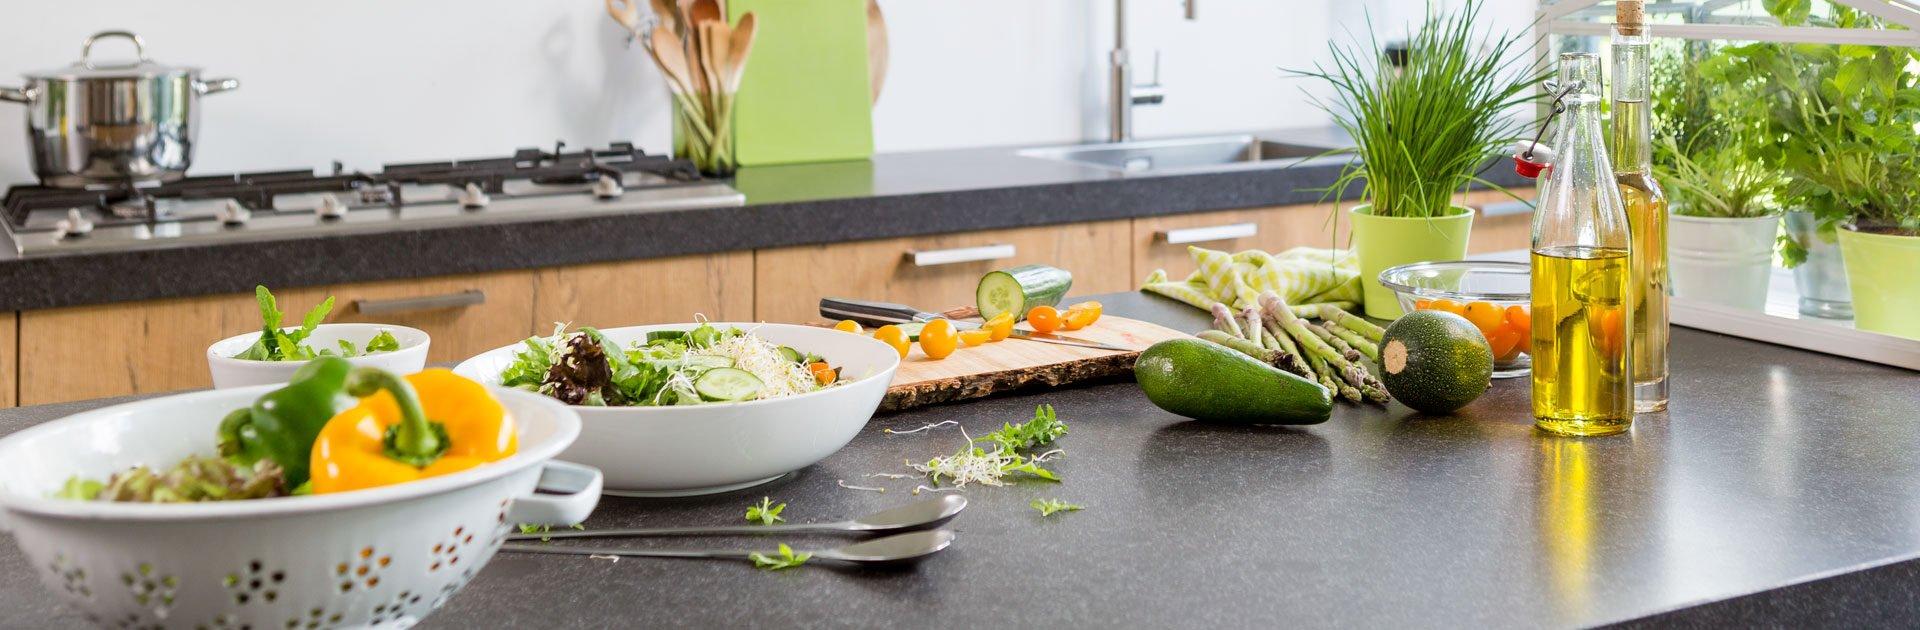 Groente en fruit bewaren in koelkast | Satink Keukens